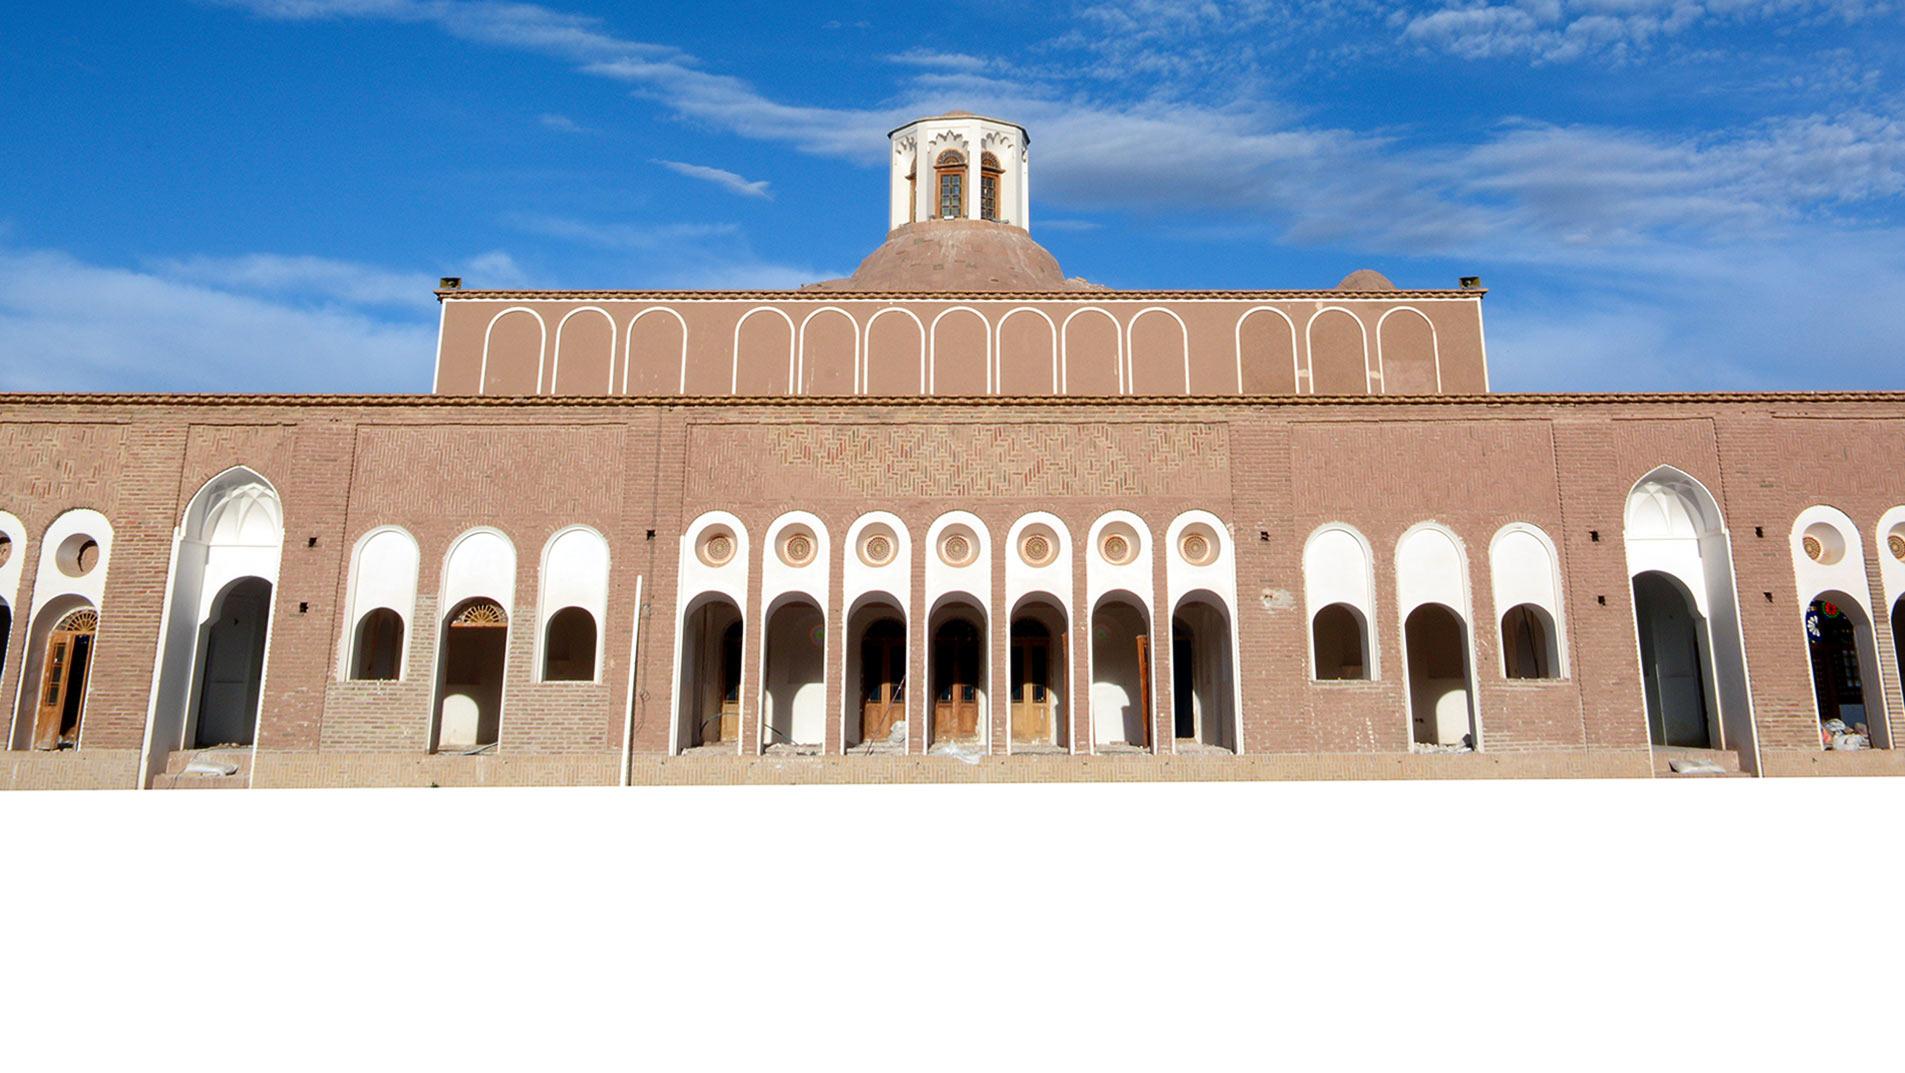 خانه حاج آقا علی ، عمارتی قاجاری و بزرگترین خانهی خشتی دنیا